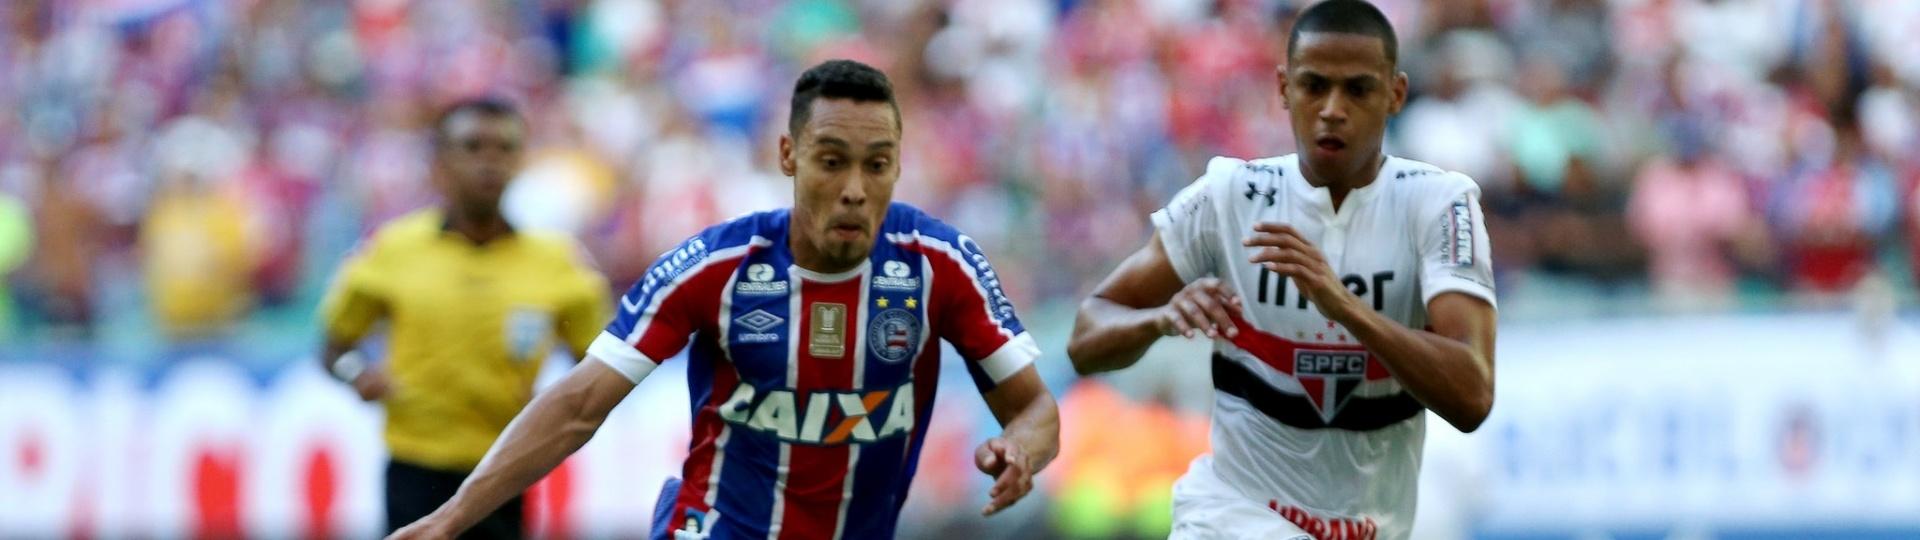 Edigar Junio arma chute à frente de Bruno Alves durante Bahia x São Paulo